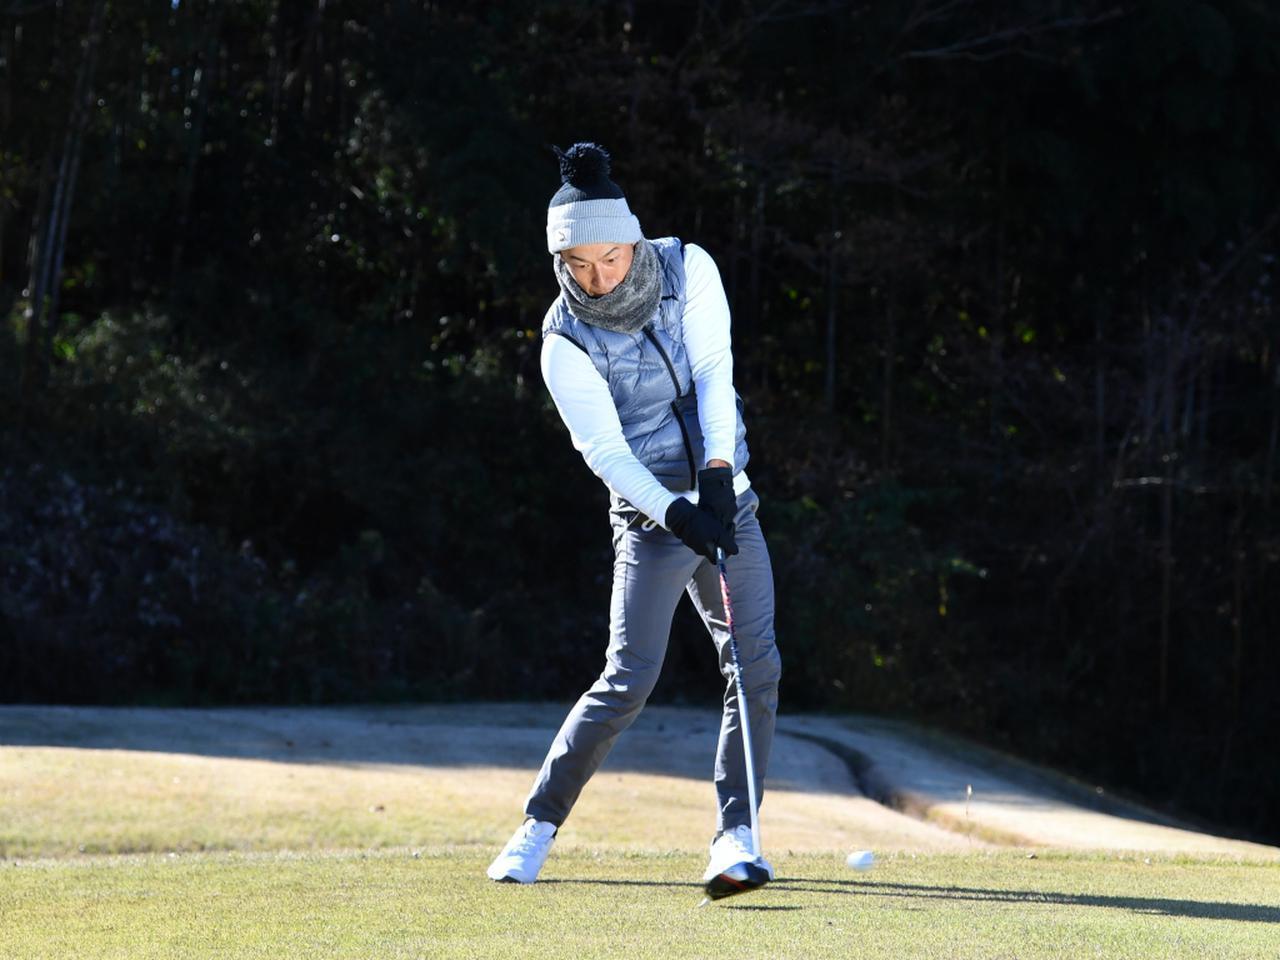 画像3: 【冬ゴルフのスコアメーク】今すぐ試したいテクニック「ティショット&セカンド編」。ベストスコアを冬に出す